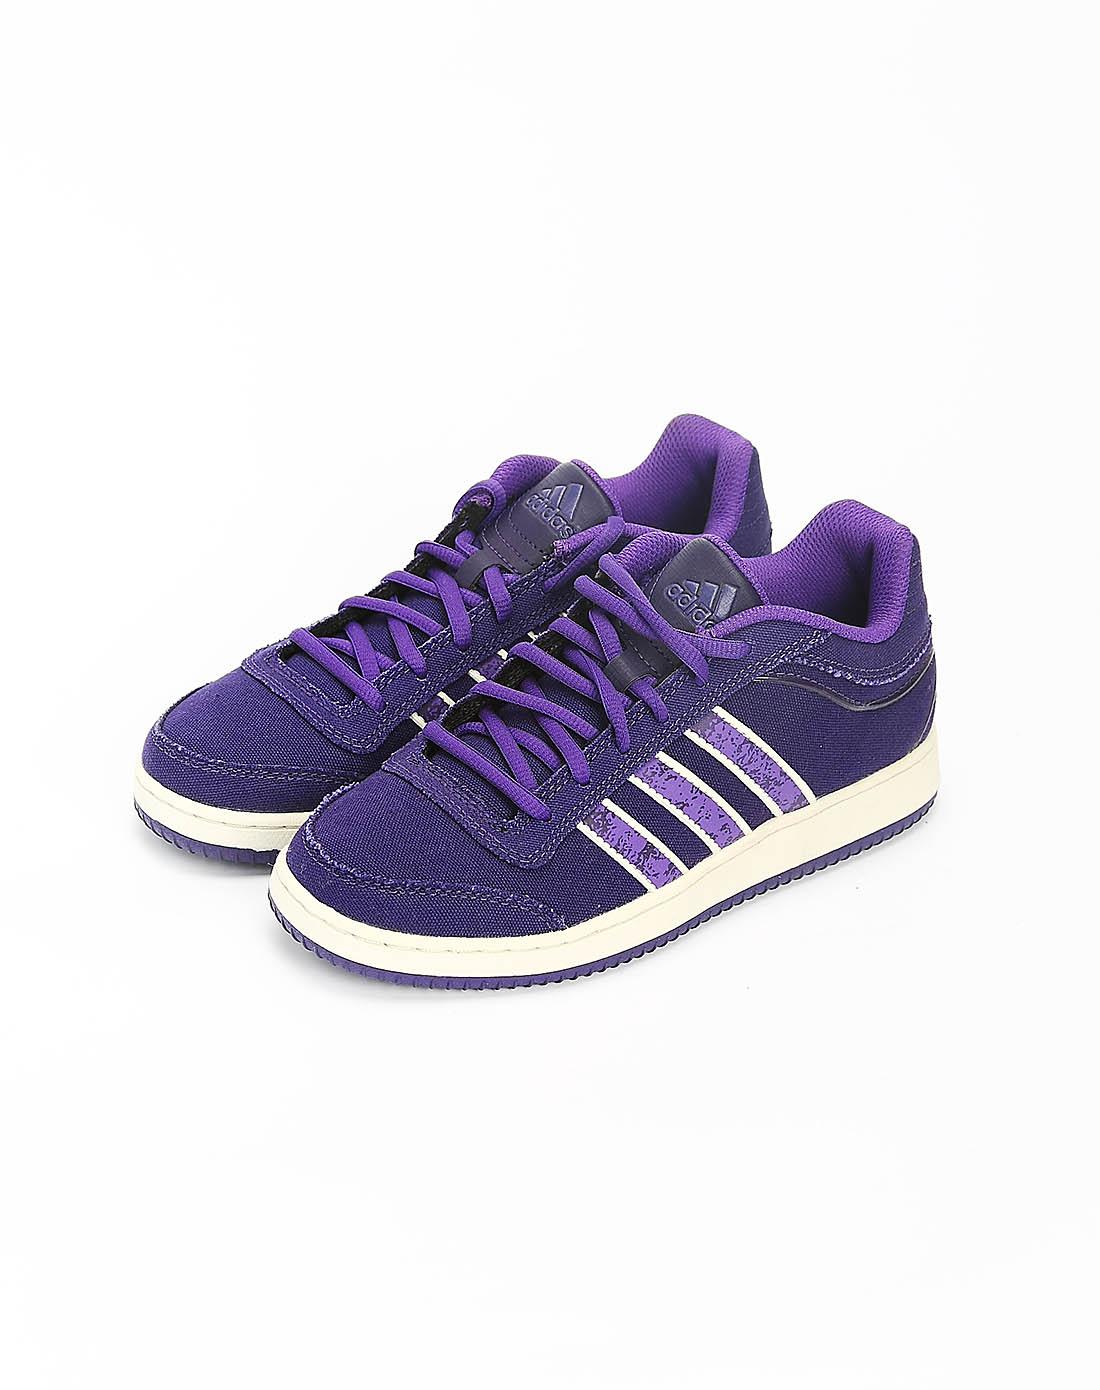 阿迪达斯adidas女子紫色篮球鞋g24361